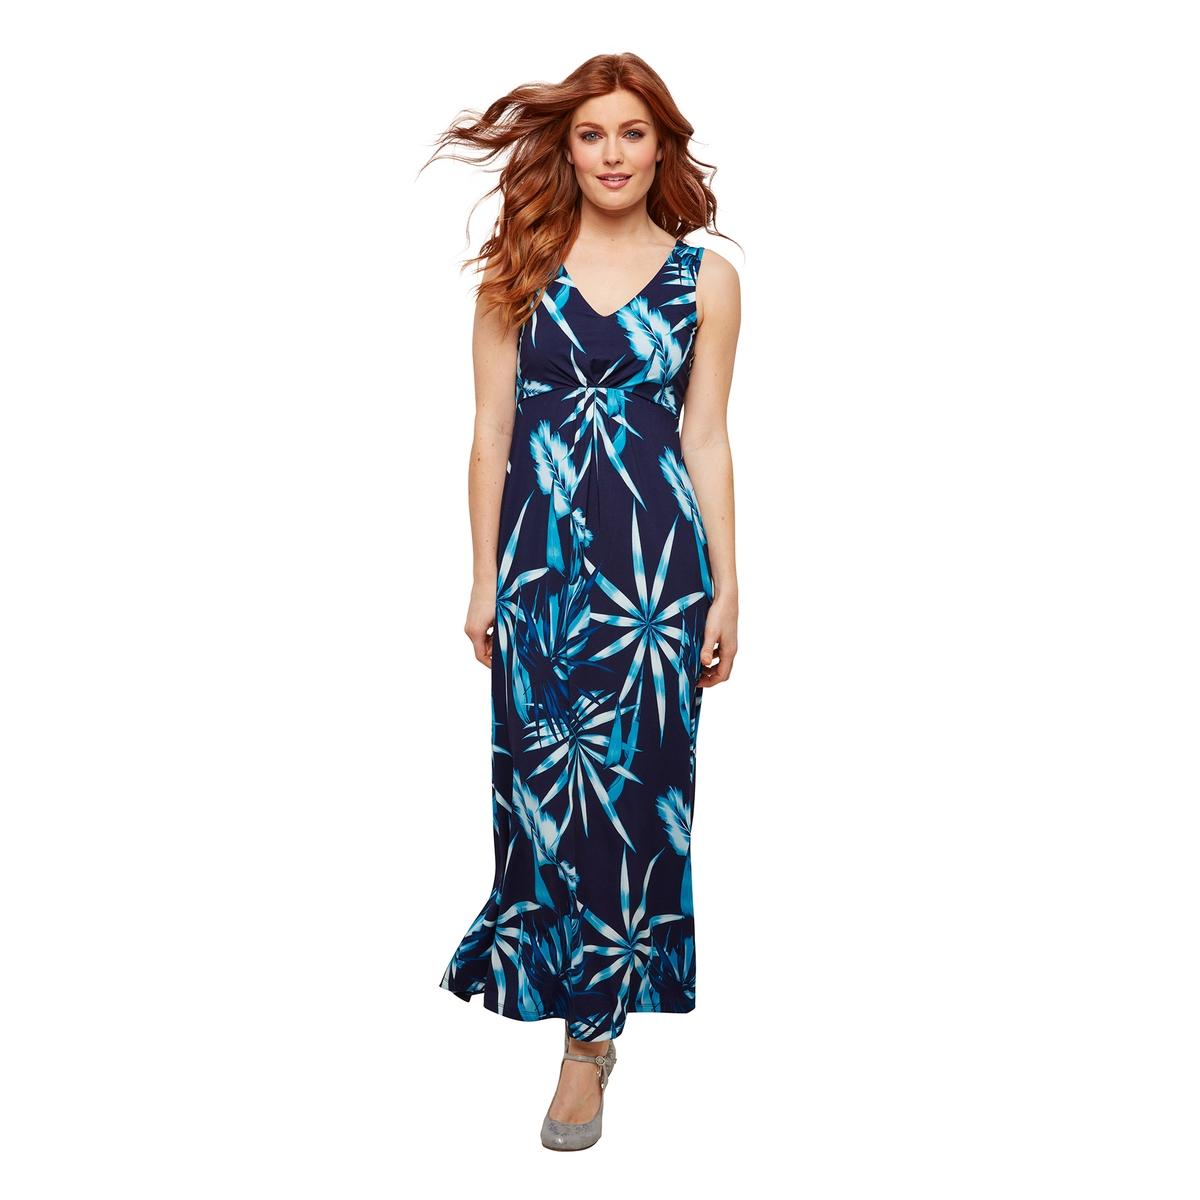 Платье La Redoute Длинное без рукавов с V-образным вырезом и графическим рисунком 44 (FR) - 50 (RUS) синий платье короткое с графическим рисунком без рукавов